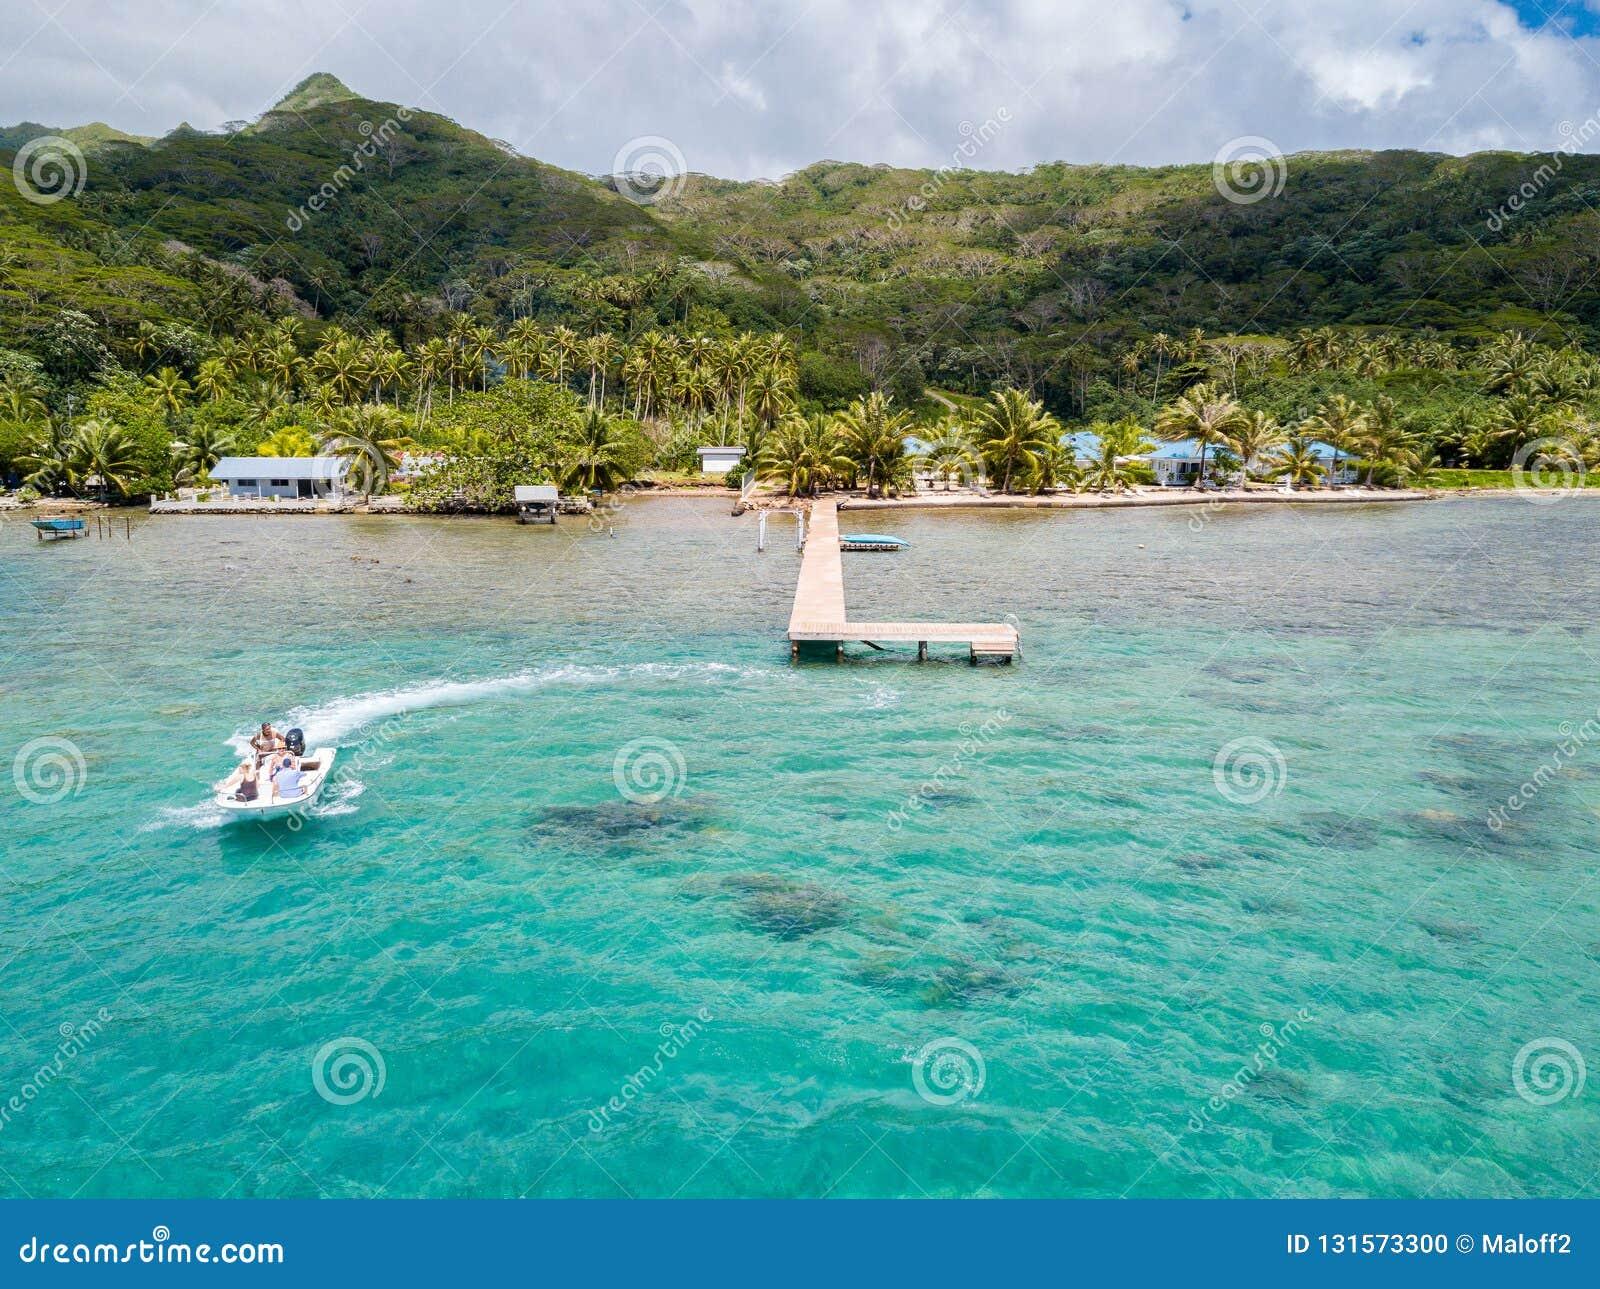 乘坐高速喷气机小船的游人在一个惊人的天蓝色的蓝色绿松石盐水湖 鸟瞰图 Raiatea,法属玻里尼西亚